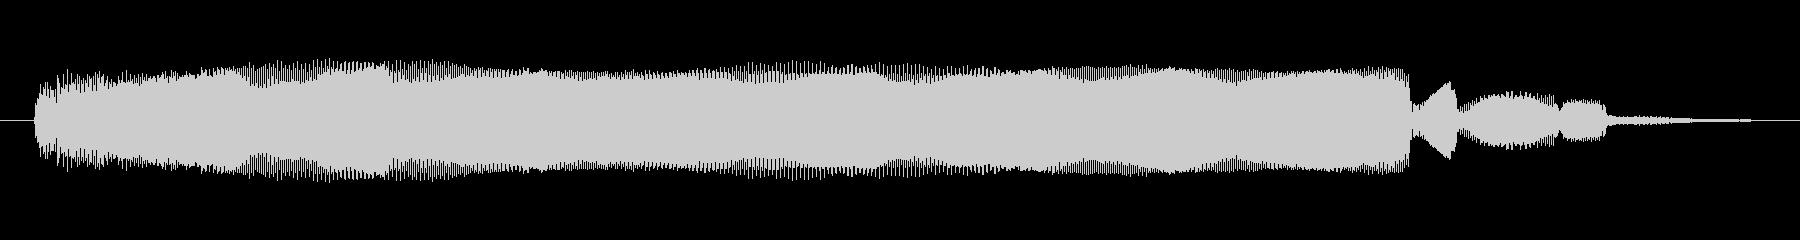 シンセサイザー 金属オルガン01の未再生の波形